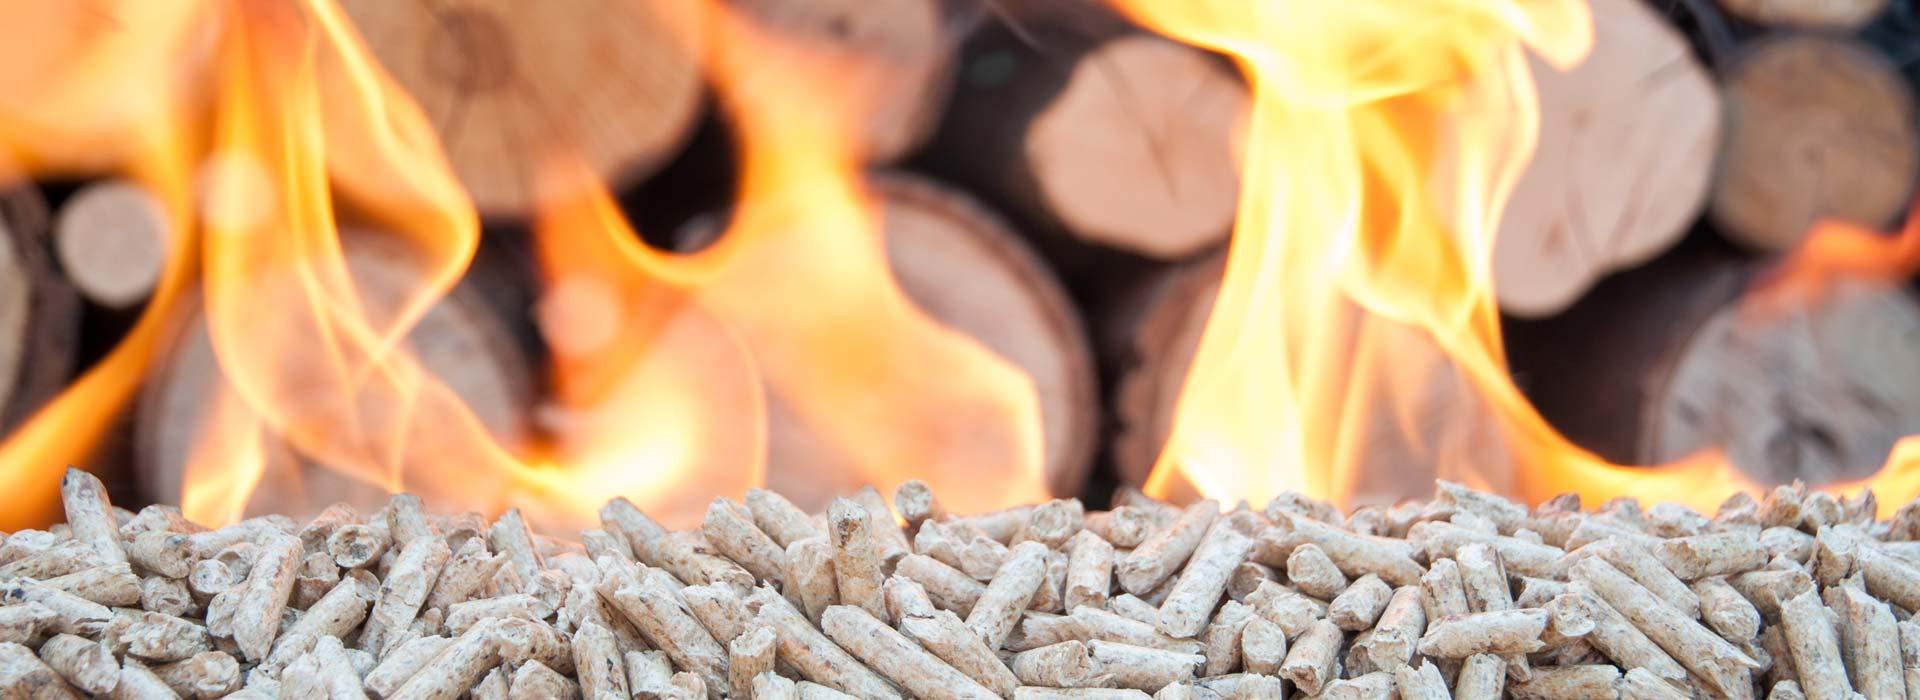 Outdoor-Pellets-On-Fire